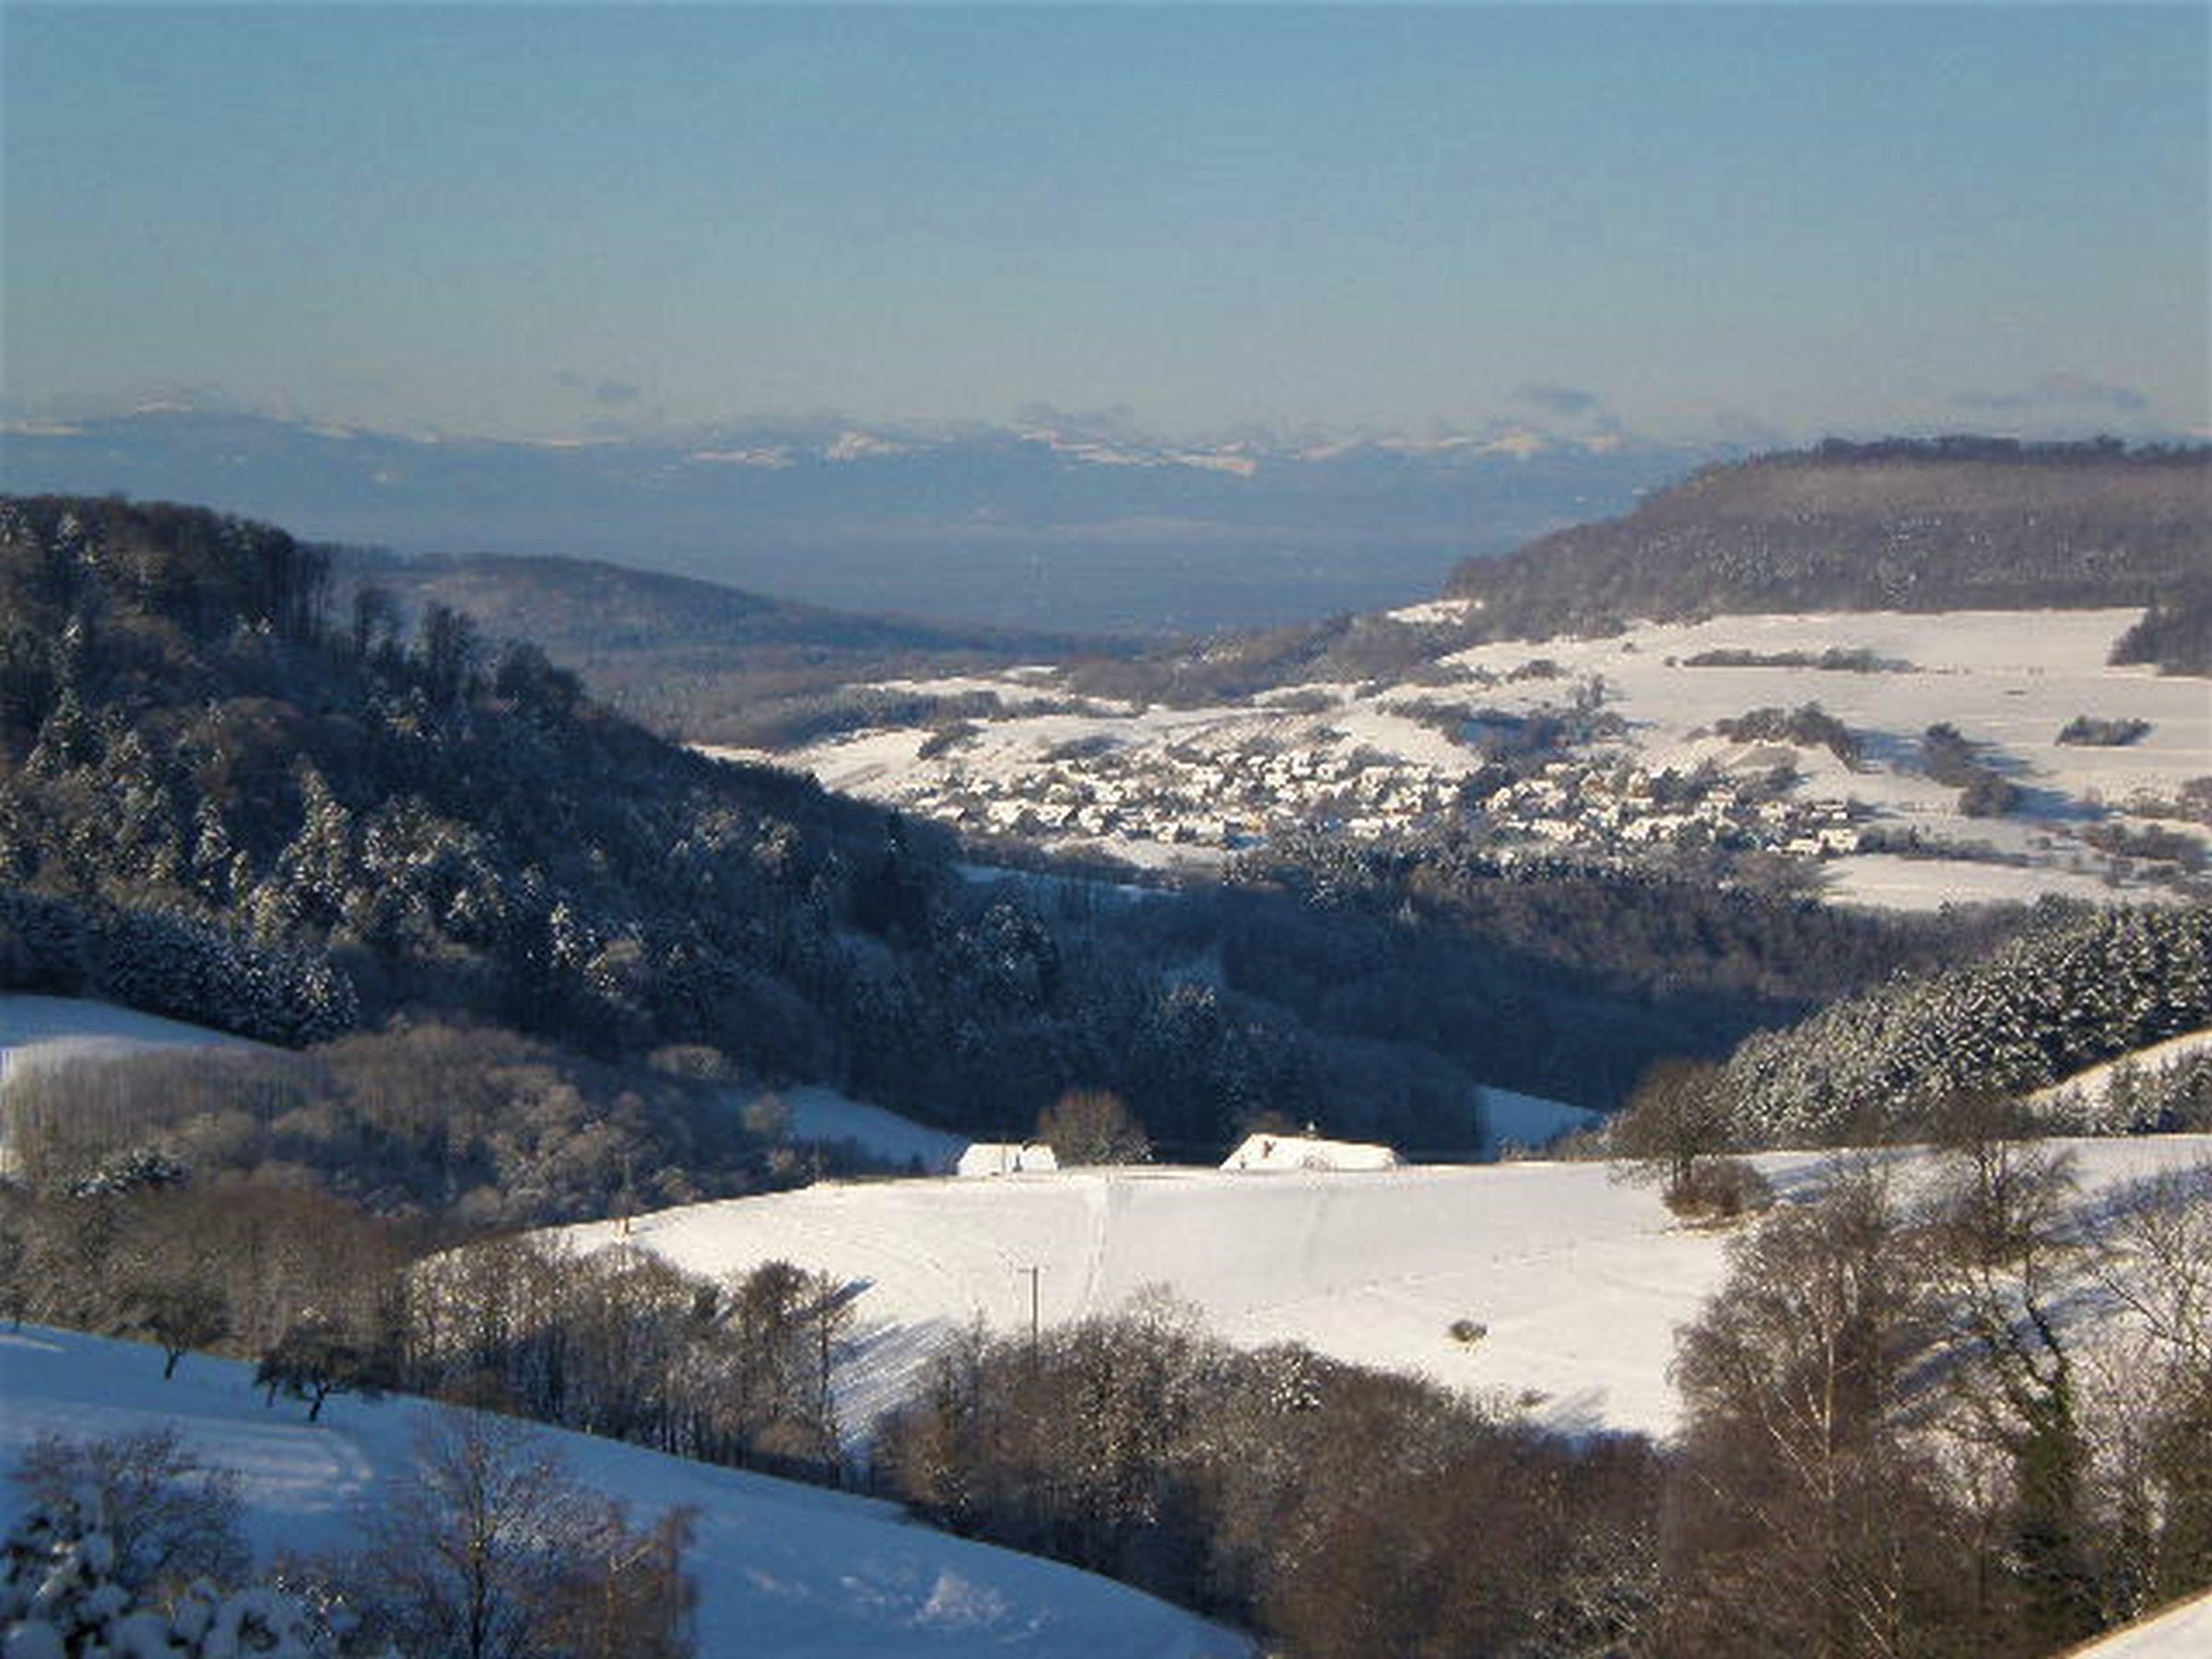 Ferienwohnung Panoramablick, (Horben). Nichtraucher-49qm, 1 Schlafraum, 1 Wohn-/Schlafraum, max. 3 Perso (2717405), Horben, Schwarzwald, Baden-Württemberg, Deutschland, Bild 6